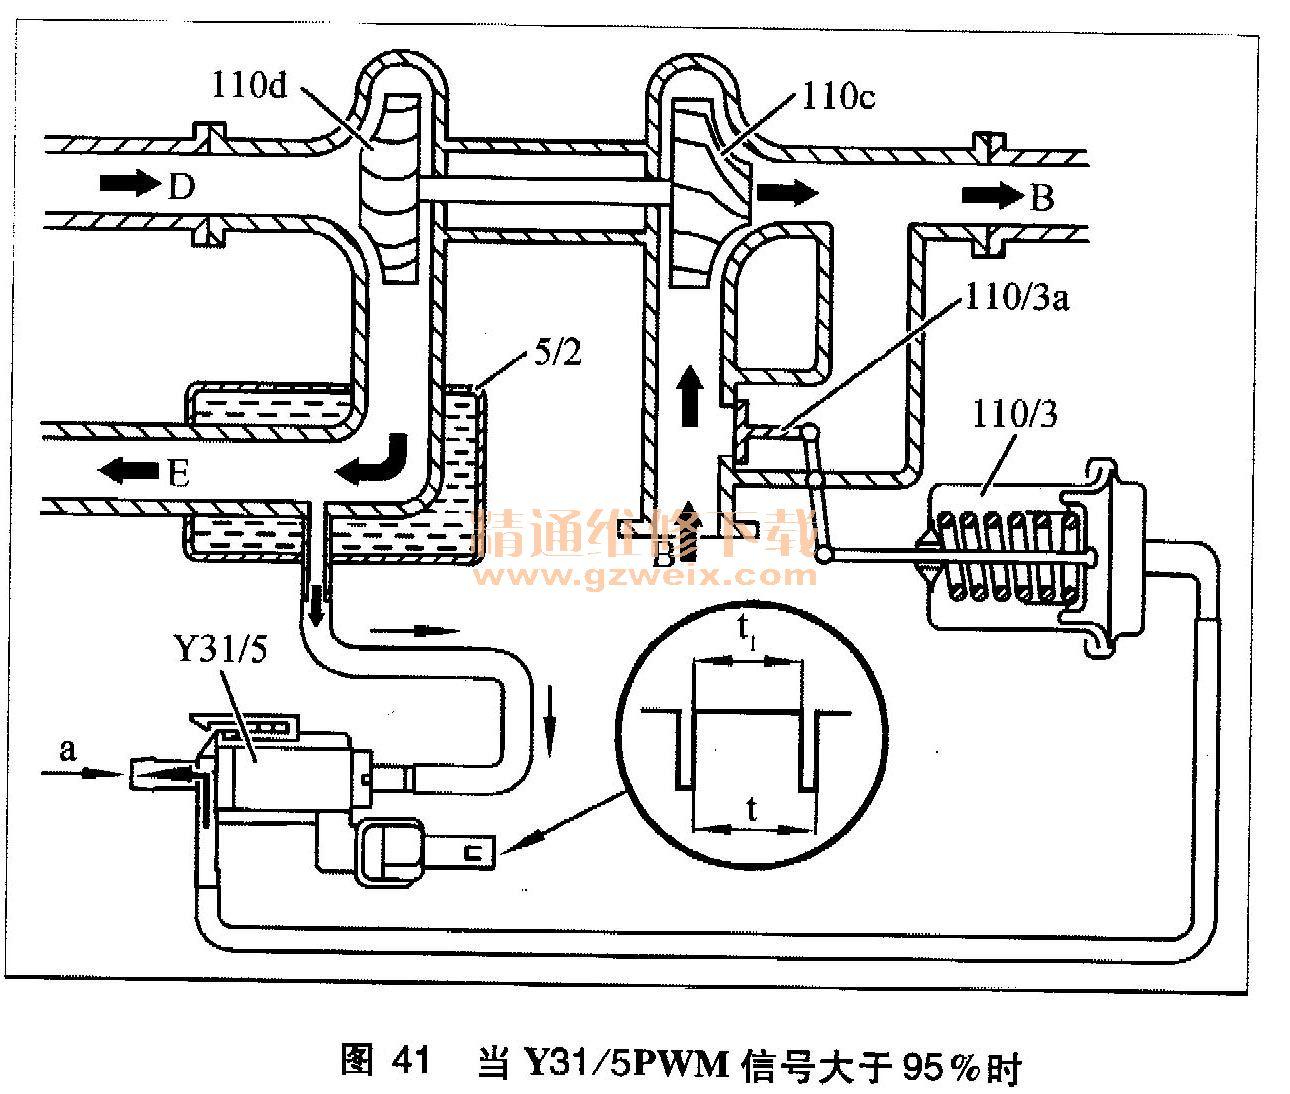 由于没有增压压力作用在膜片上,所以在弹簧力的作用下,旁通阀110/3a将图片